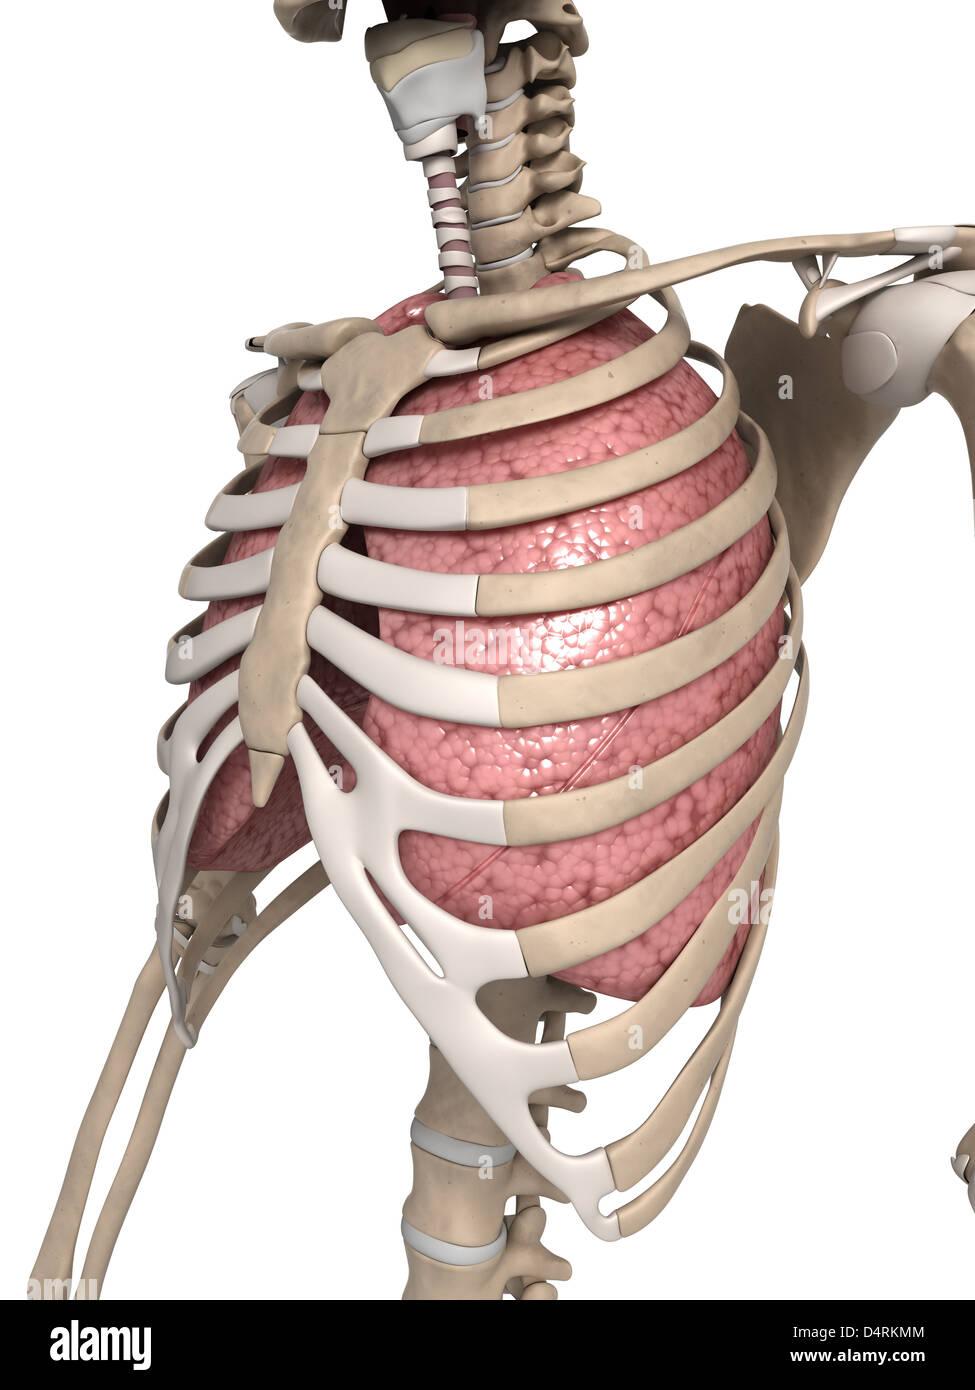 Atractivo Anatomía Del Tórax Modelo - Anatomía de Las Imágenesdel ...